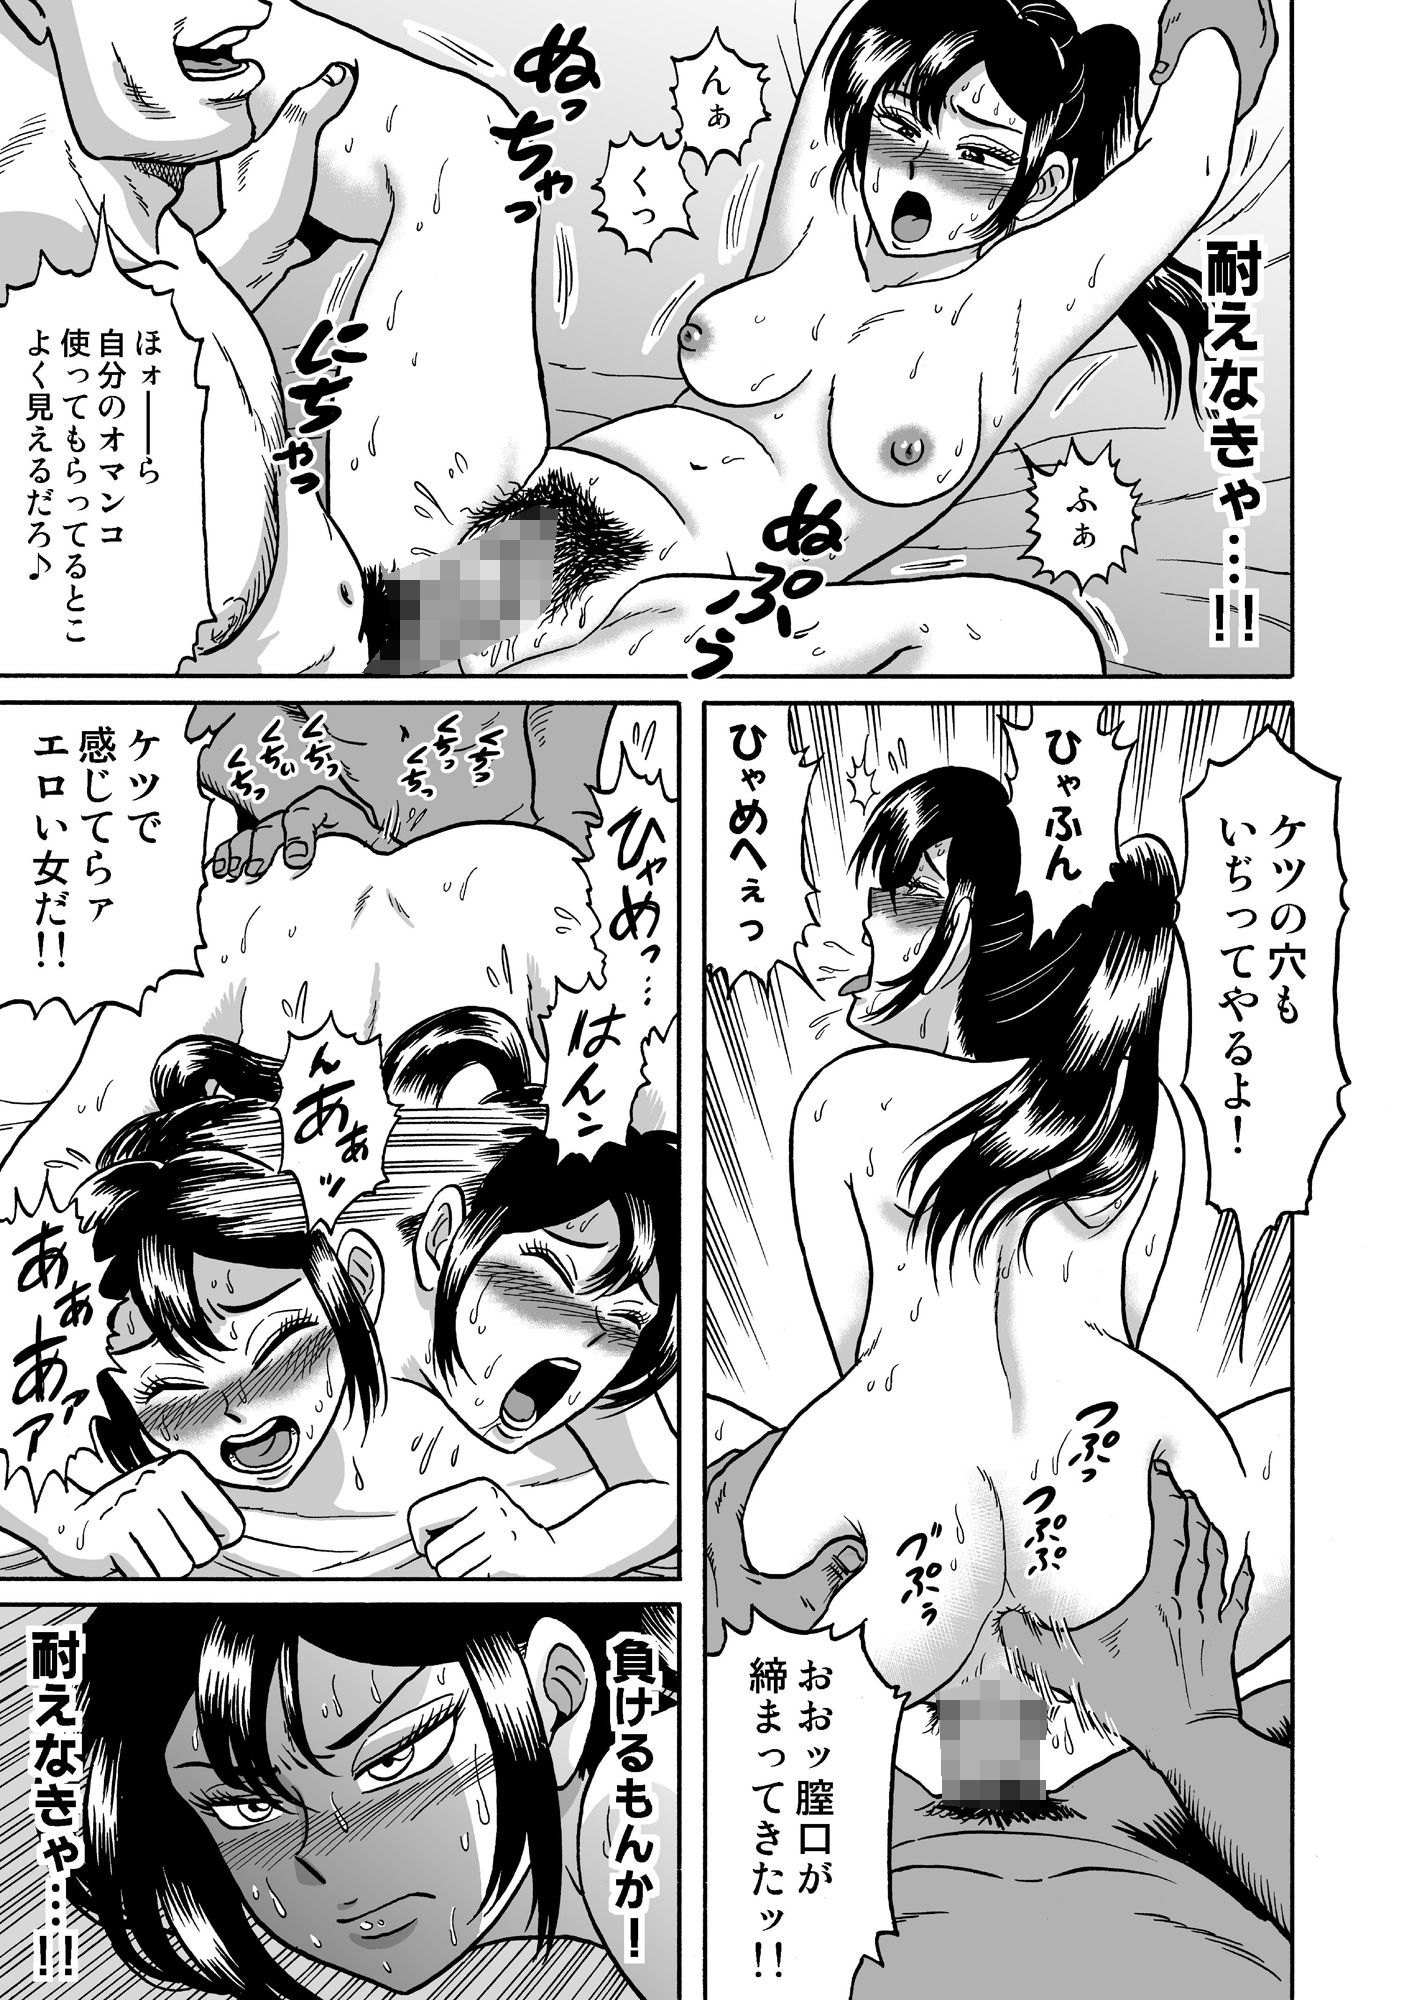 艶姿捜査姦(4)強●ふたなり淫戯5